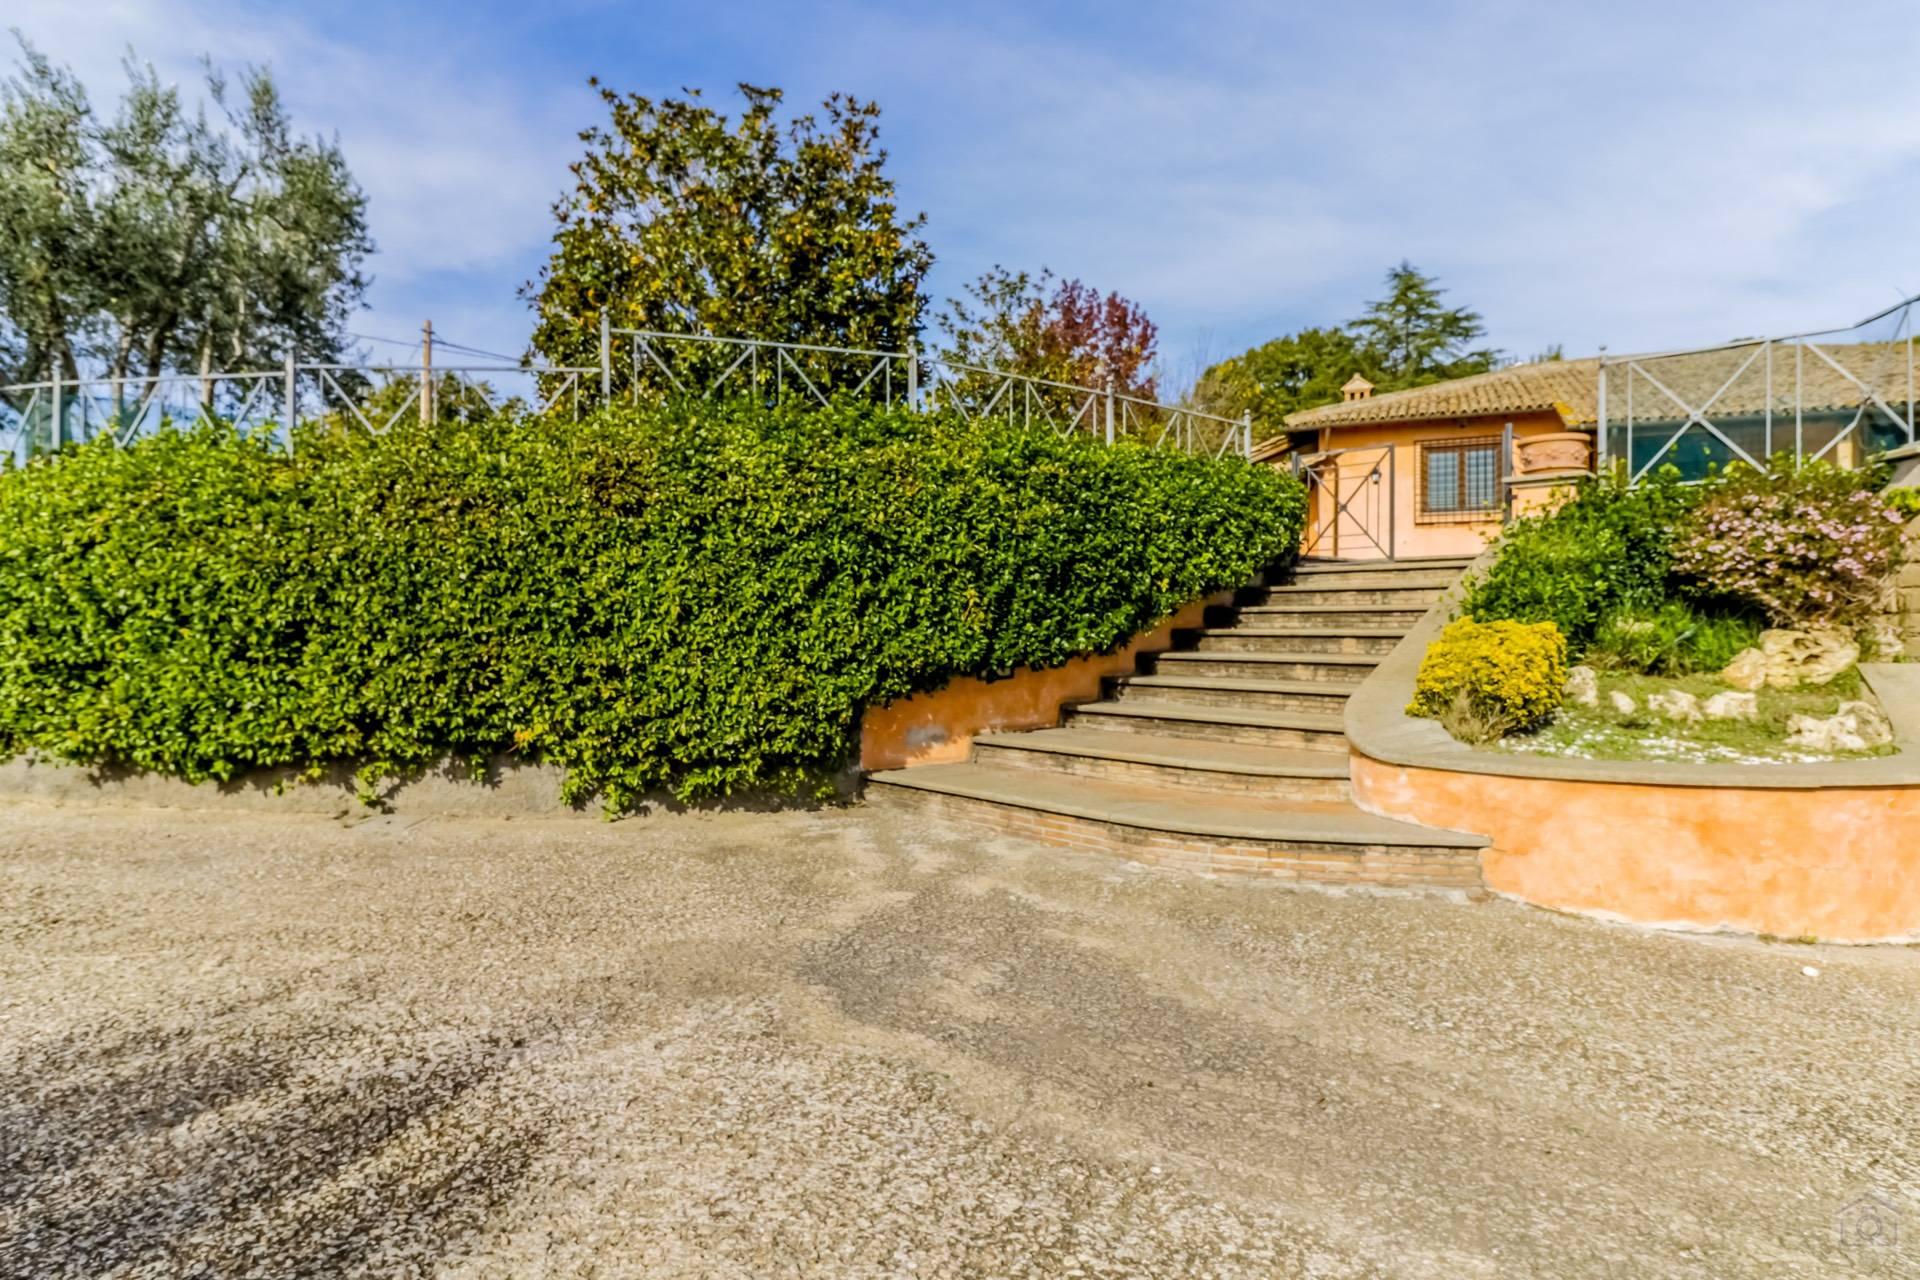 Villa in Vendita a Sacrofano: 5 locali, 180 mq - Foto 26